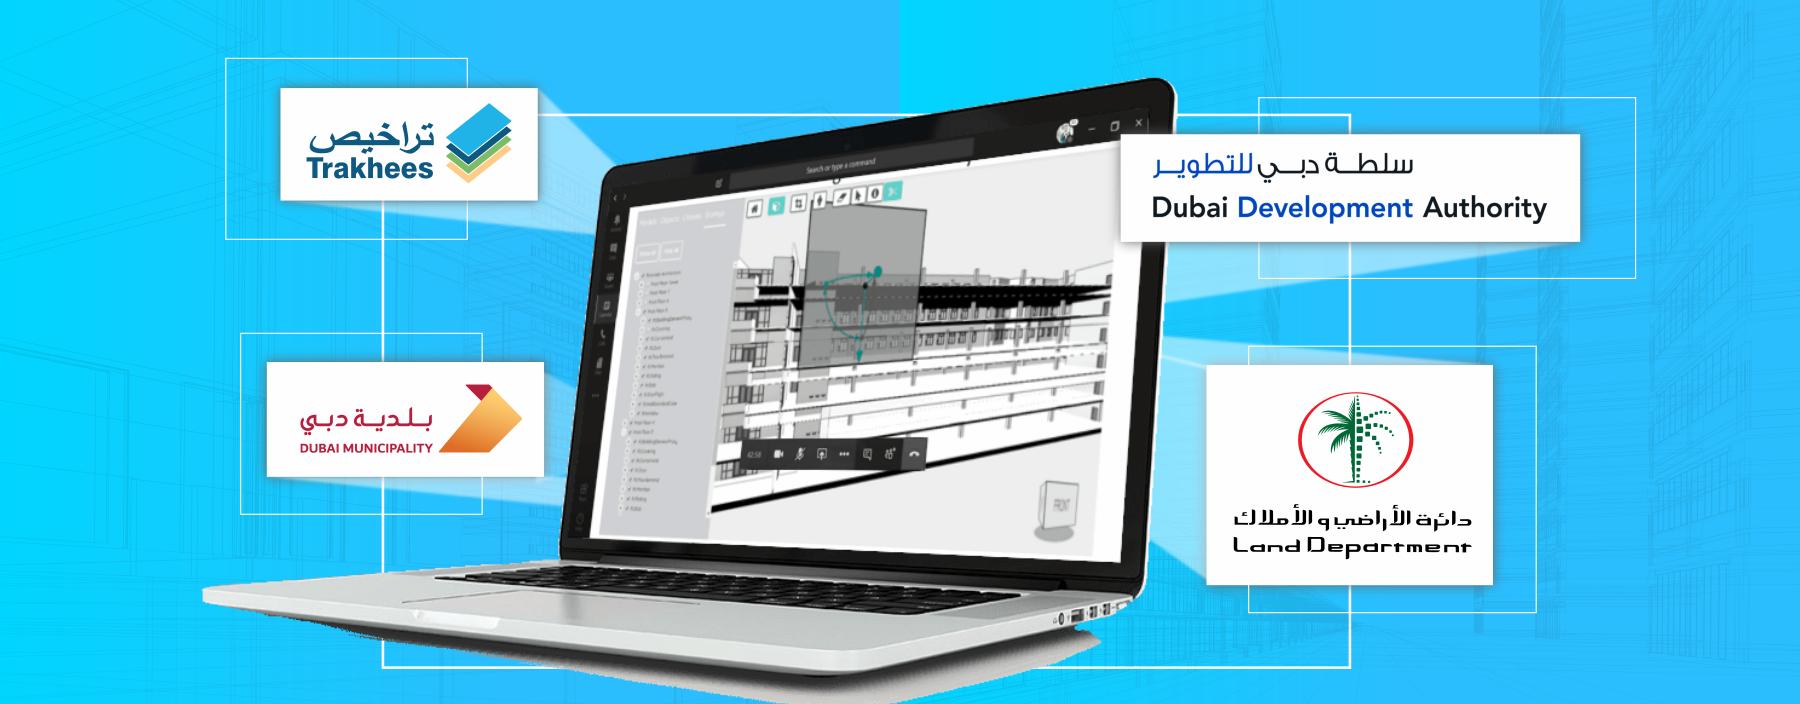 مستجدات مشروع تصميم وتنفيذ خريطة طريق لنمذجة معلومات المباني في دبي مايو 2020